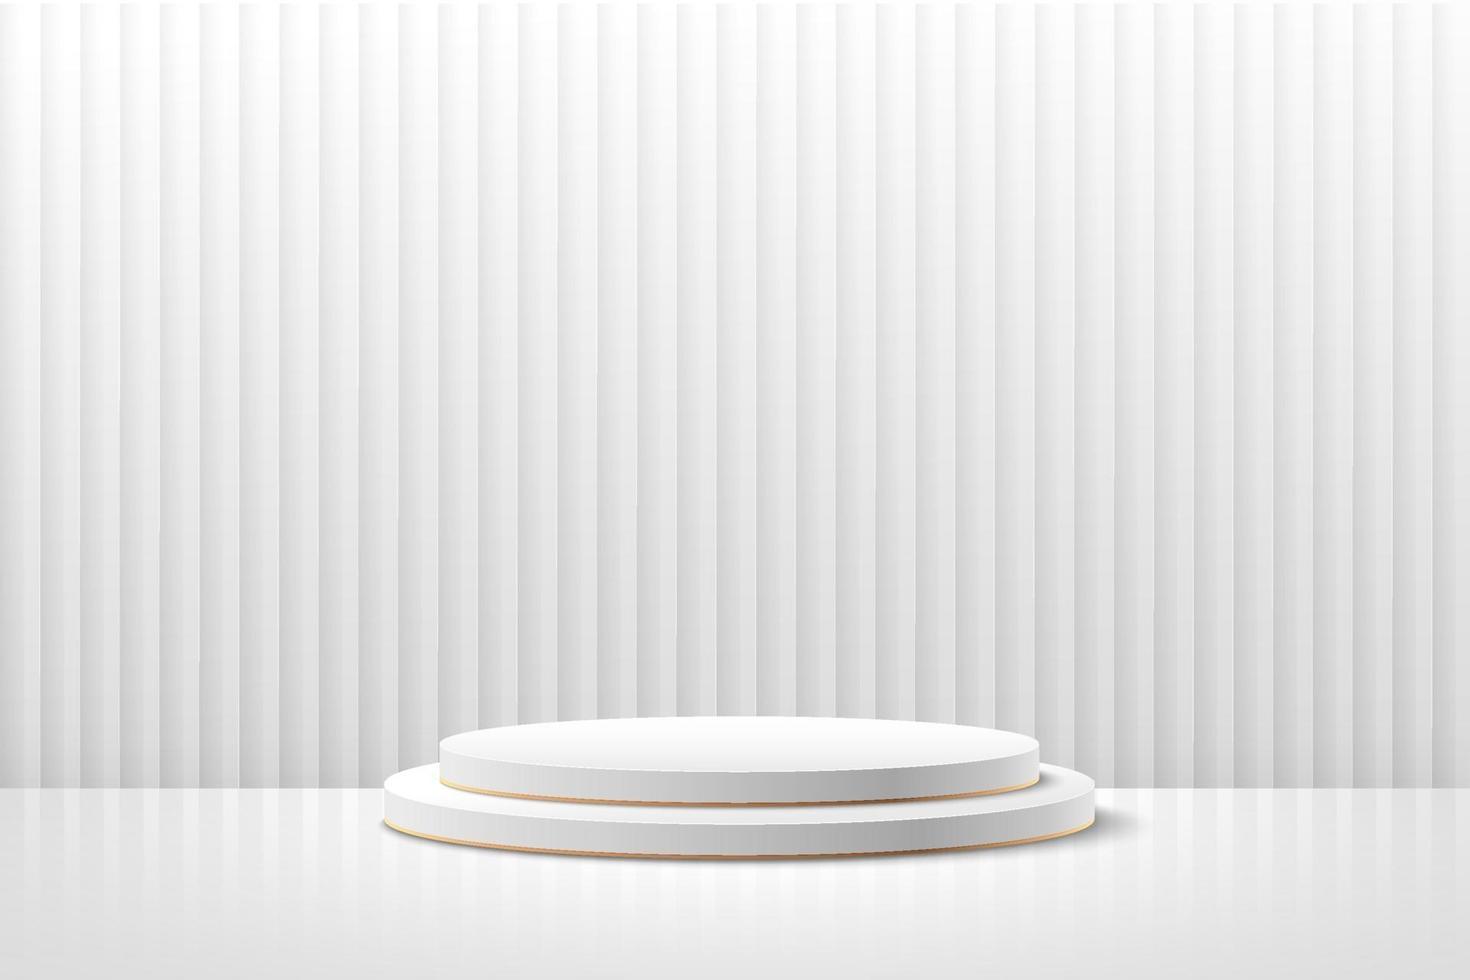 affichage rond abstrait pour produit sur site Web dans un design moderne. rendu de fond avec podium et scène de mur de texture de couche blanche minimale, rendu 3d de forme géométrique de couleur blanche et grise. vecteur eps10